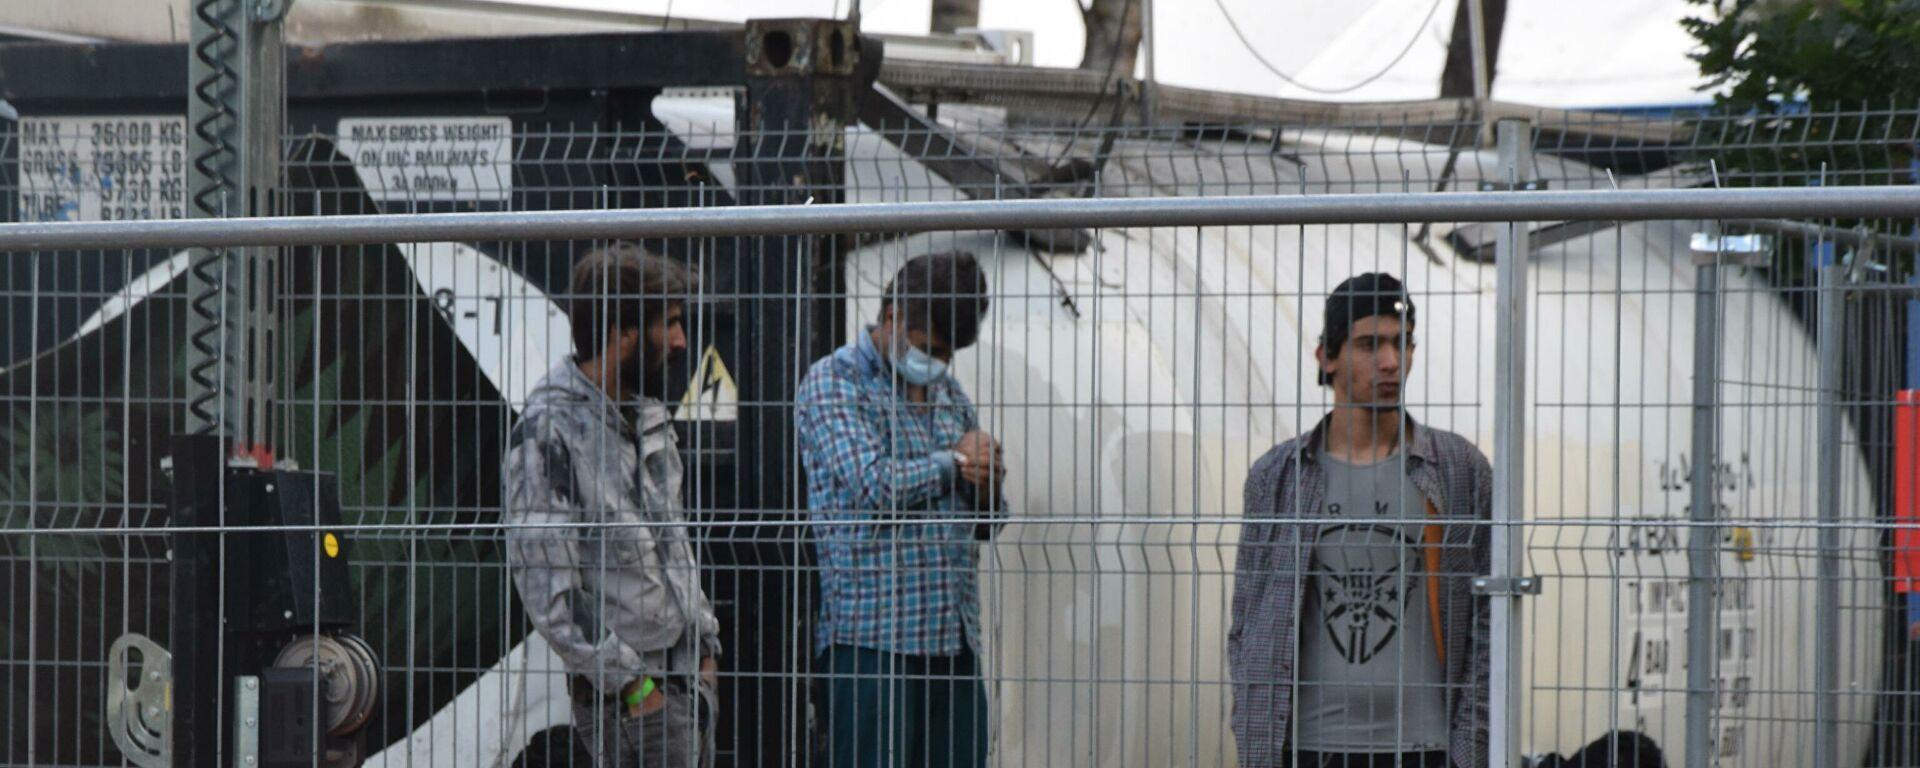 Глава МВД Литвы ответила на жалобы мигрантов на условия проживания